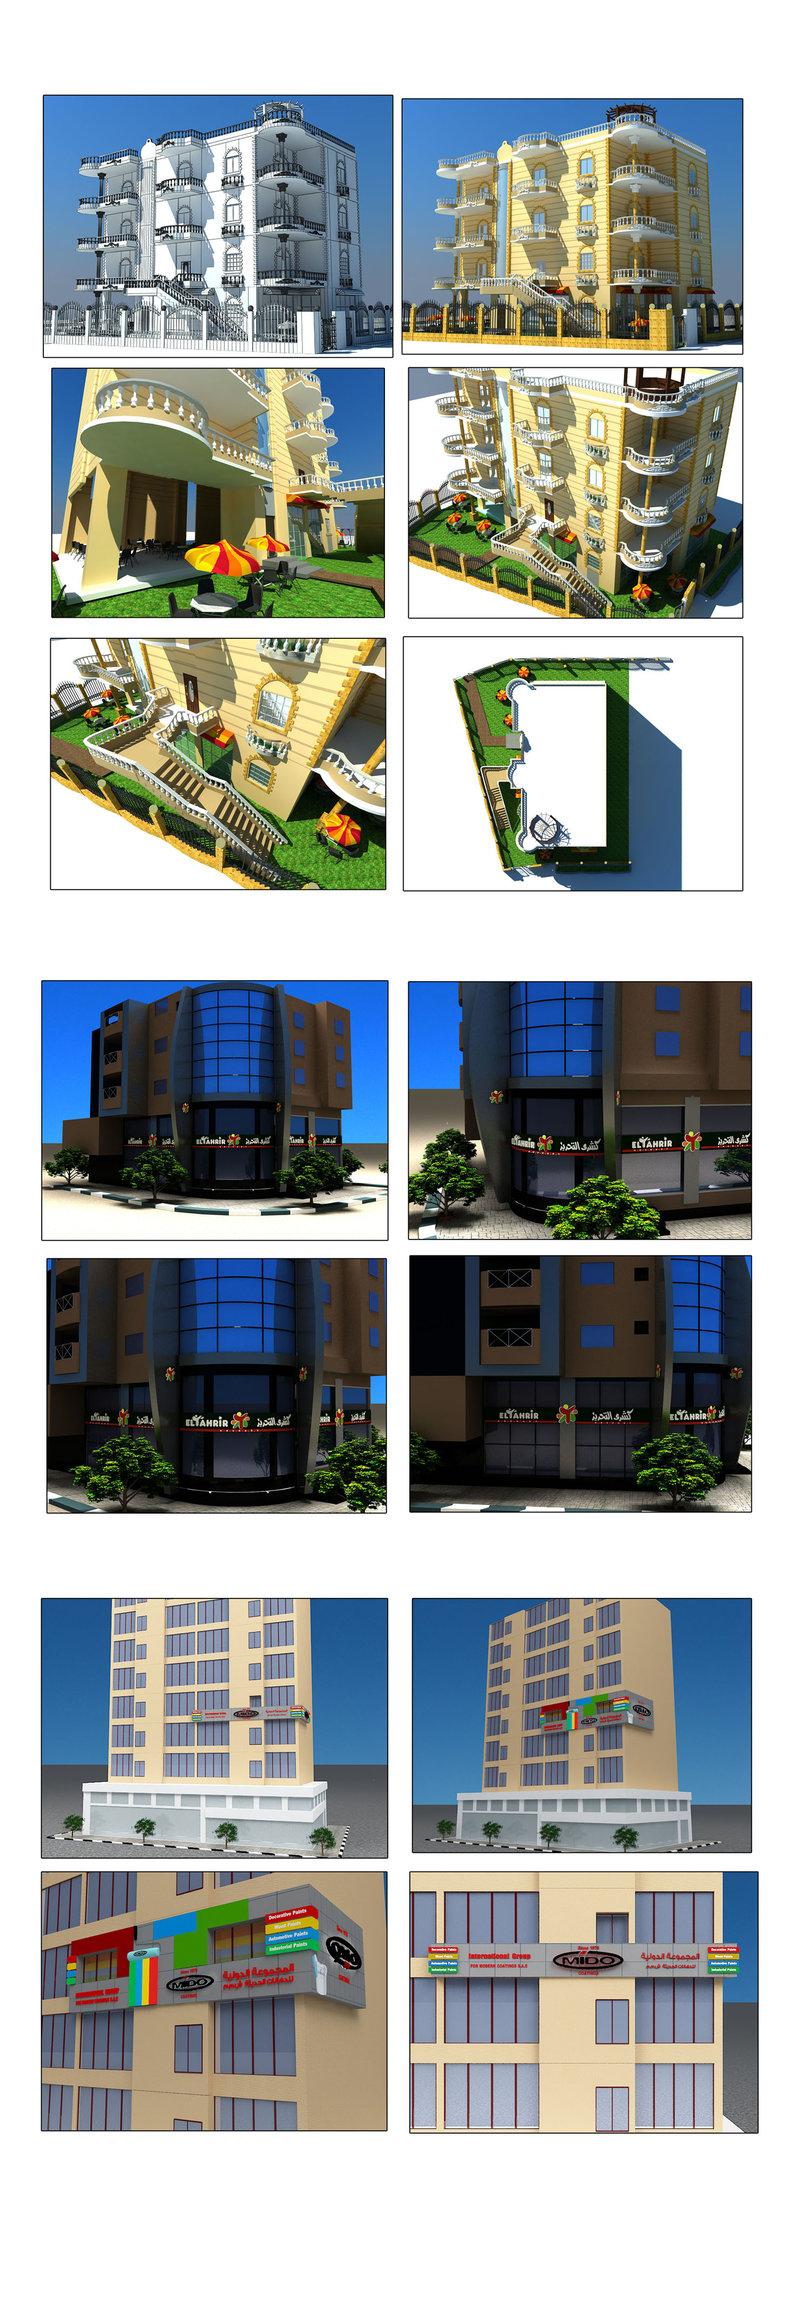 3D designs - تصميمات ثلاثية الأبعاد